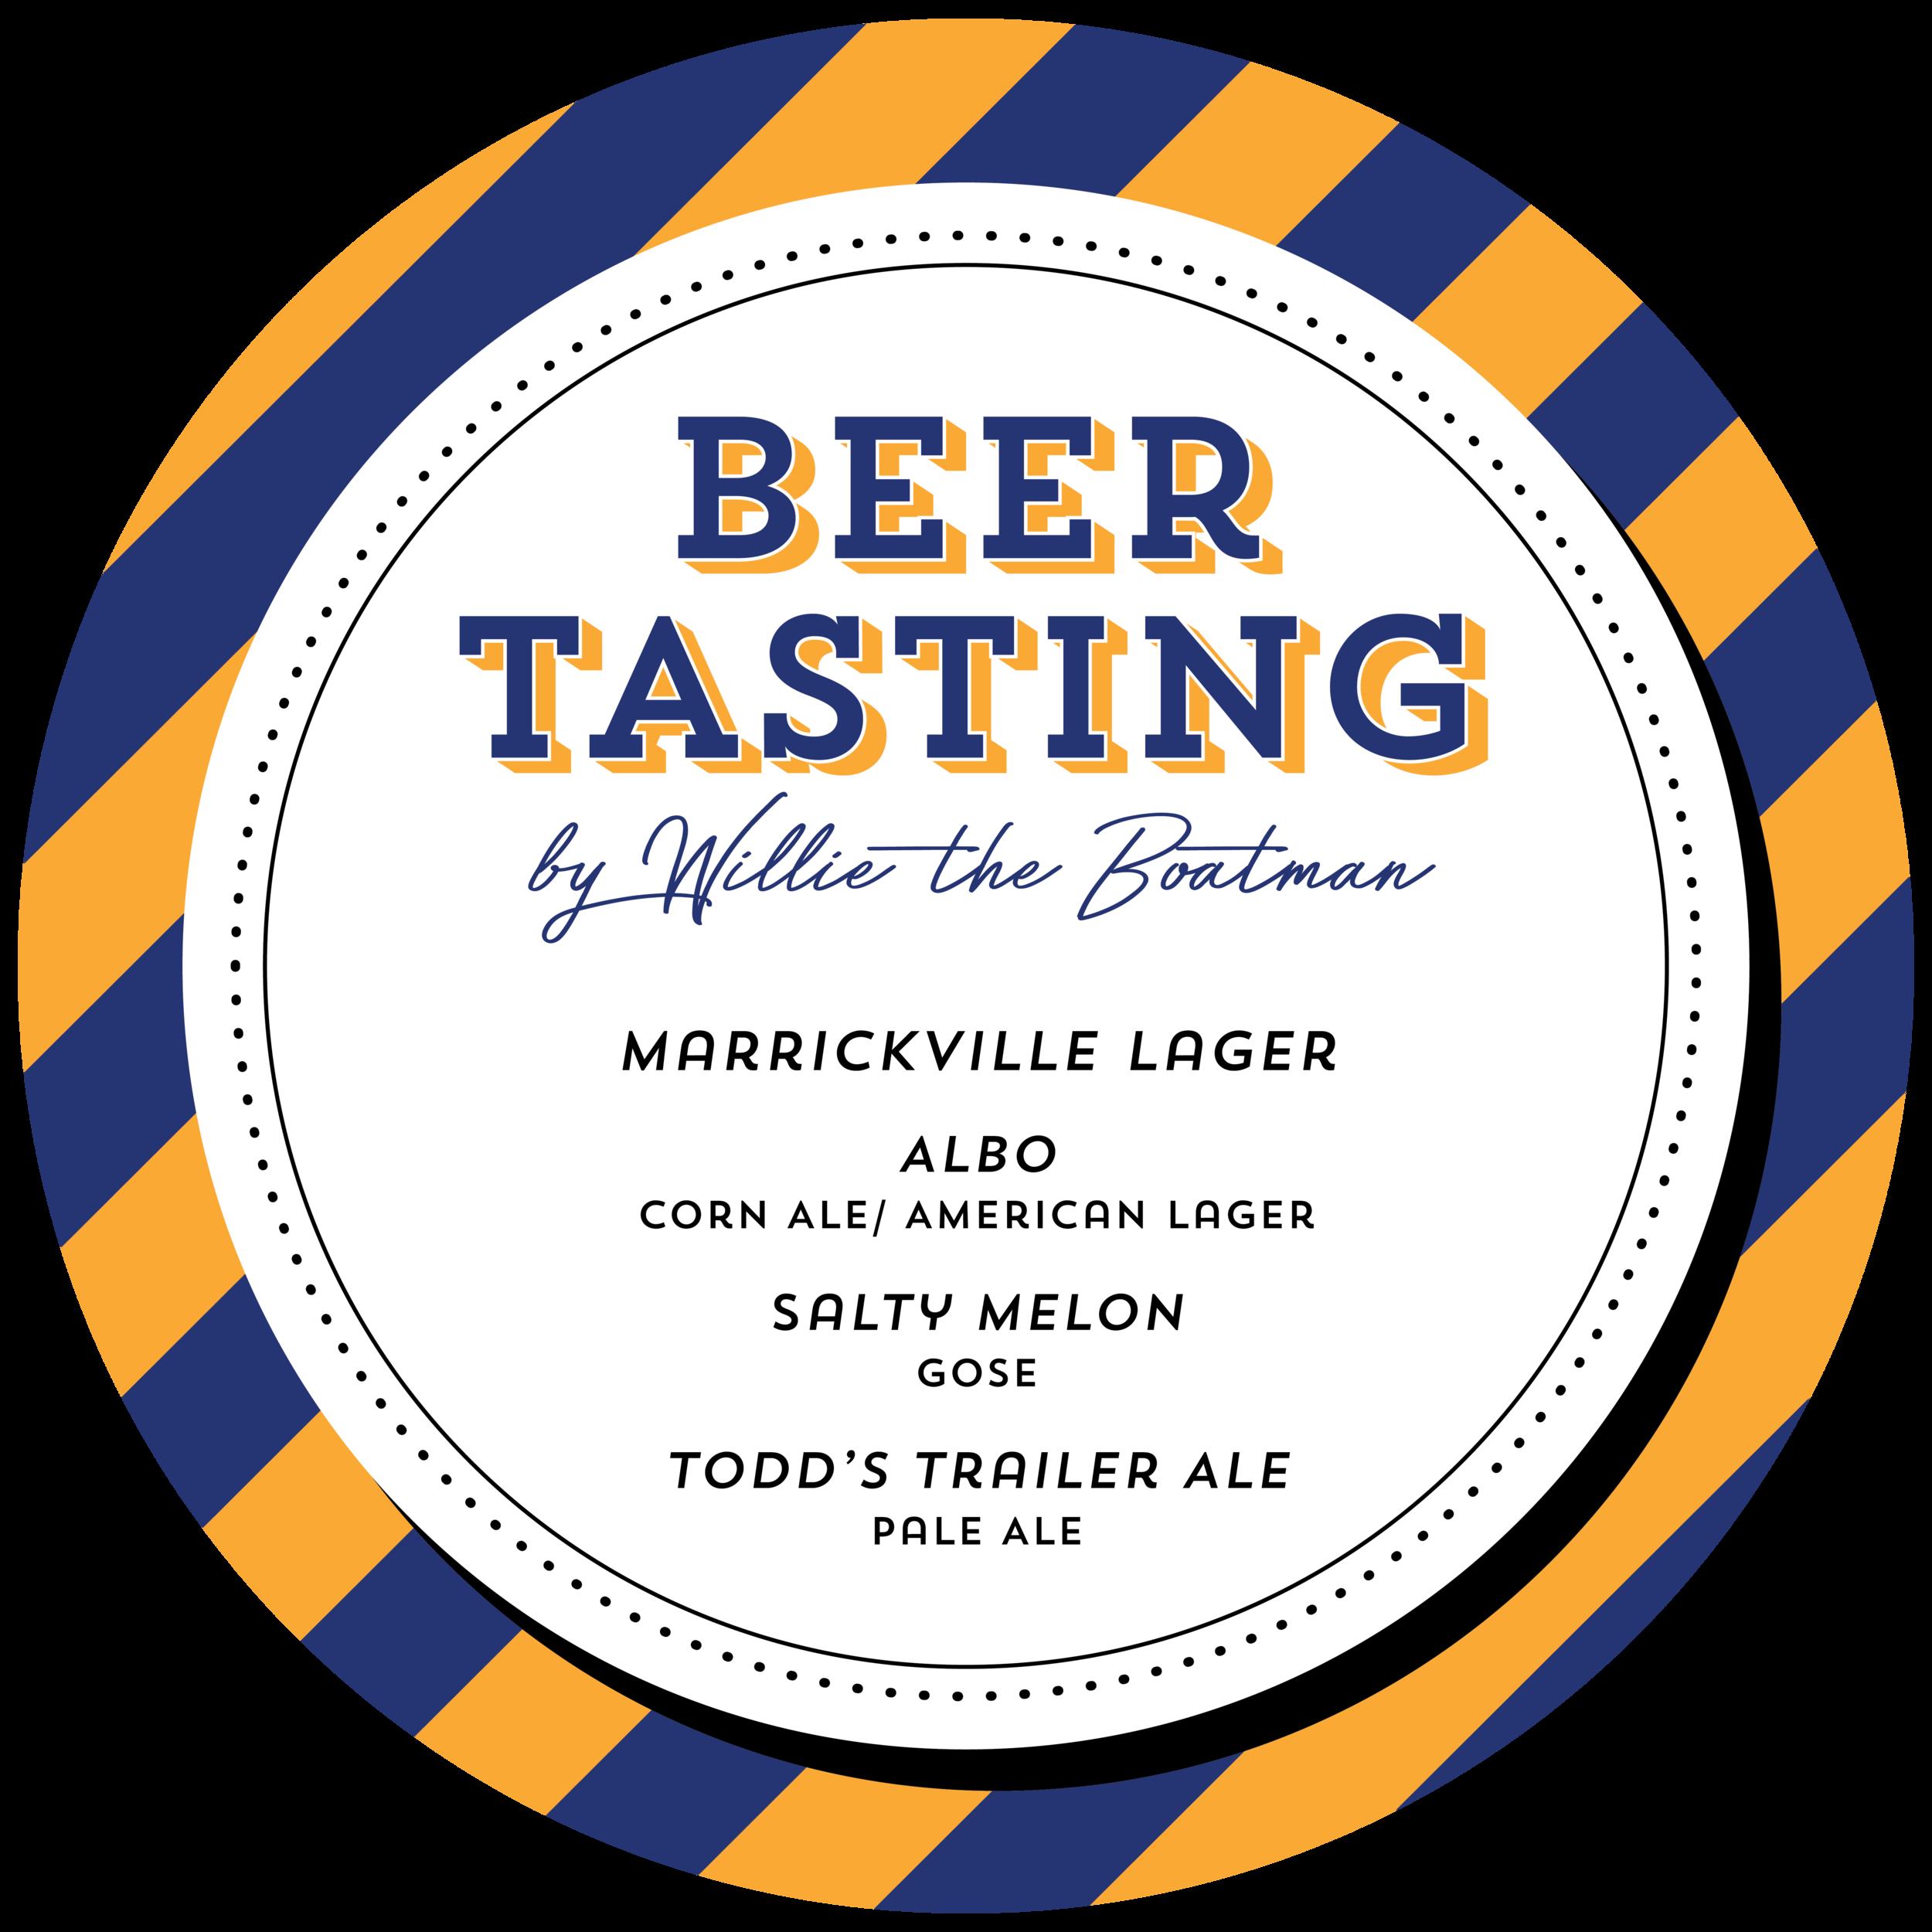 Beer Tasting LollipoP Sign.png